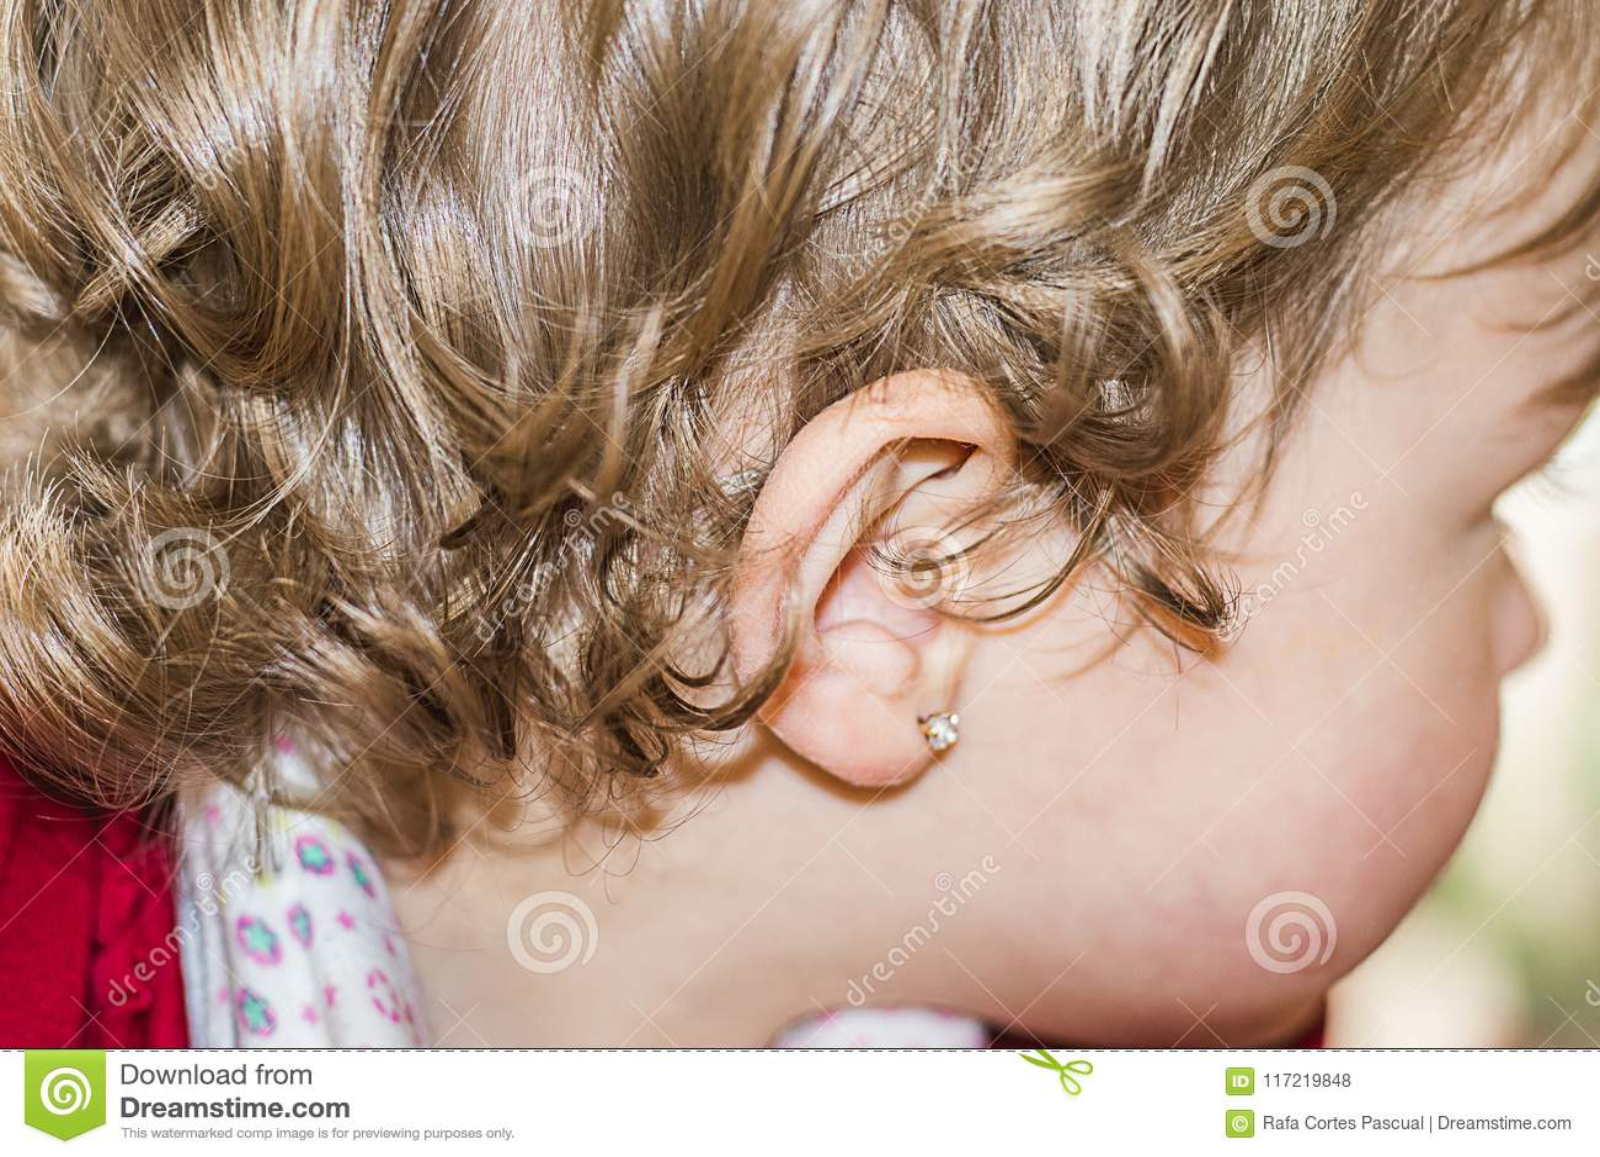 Oído de una niña con un pendiente